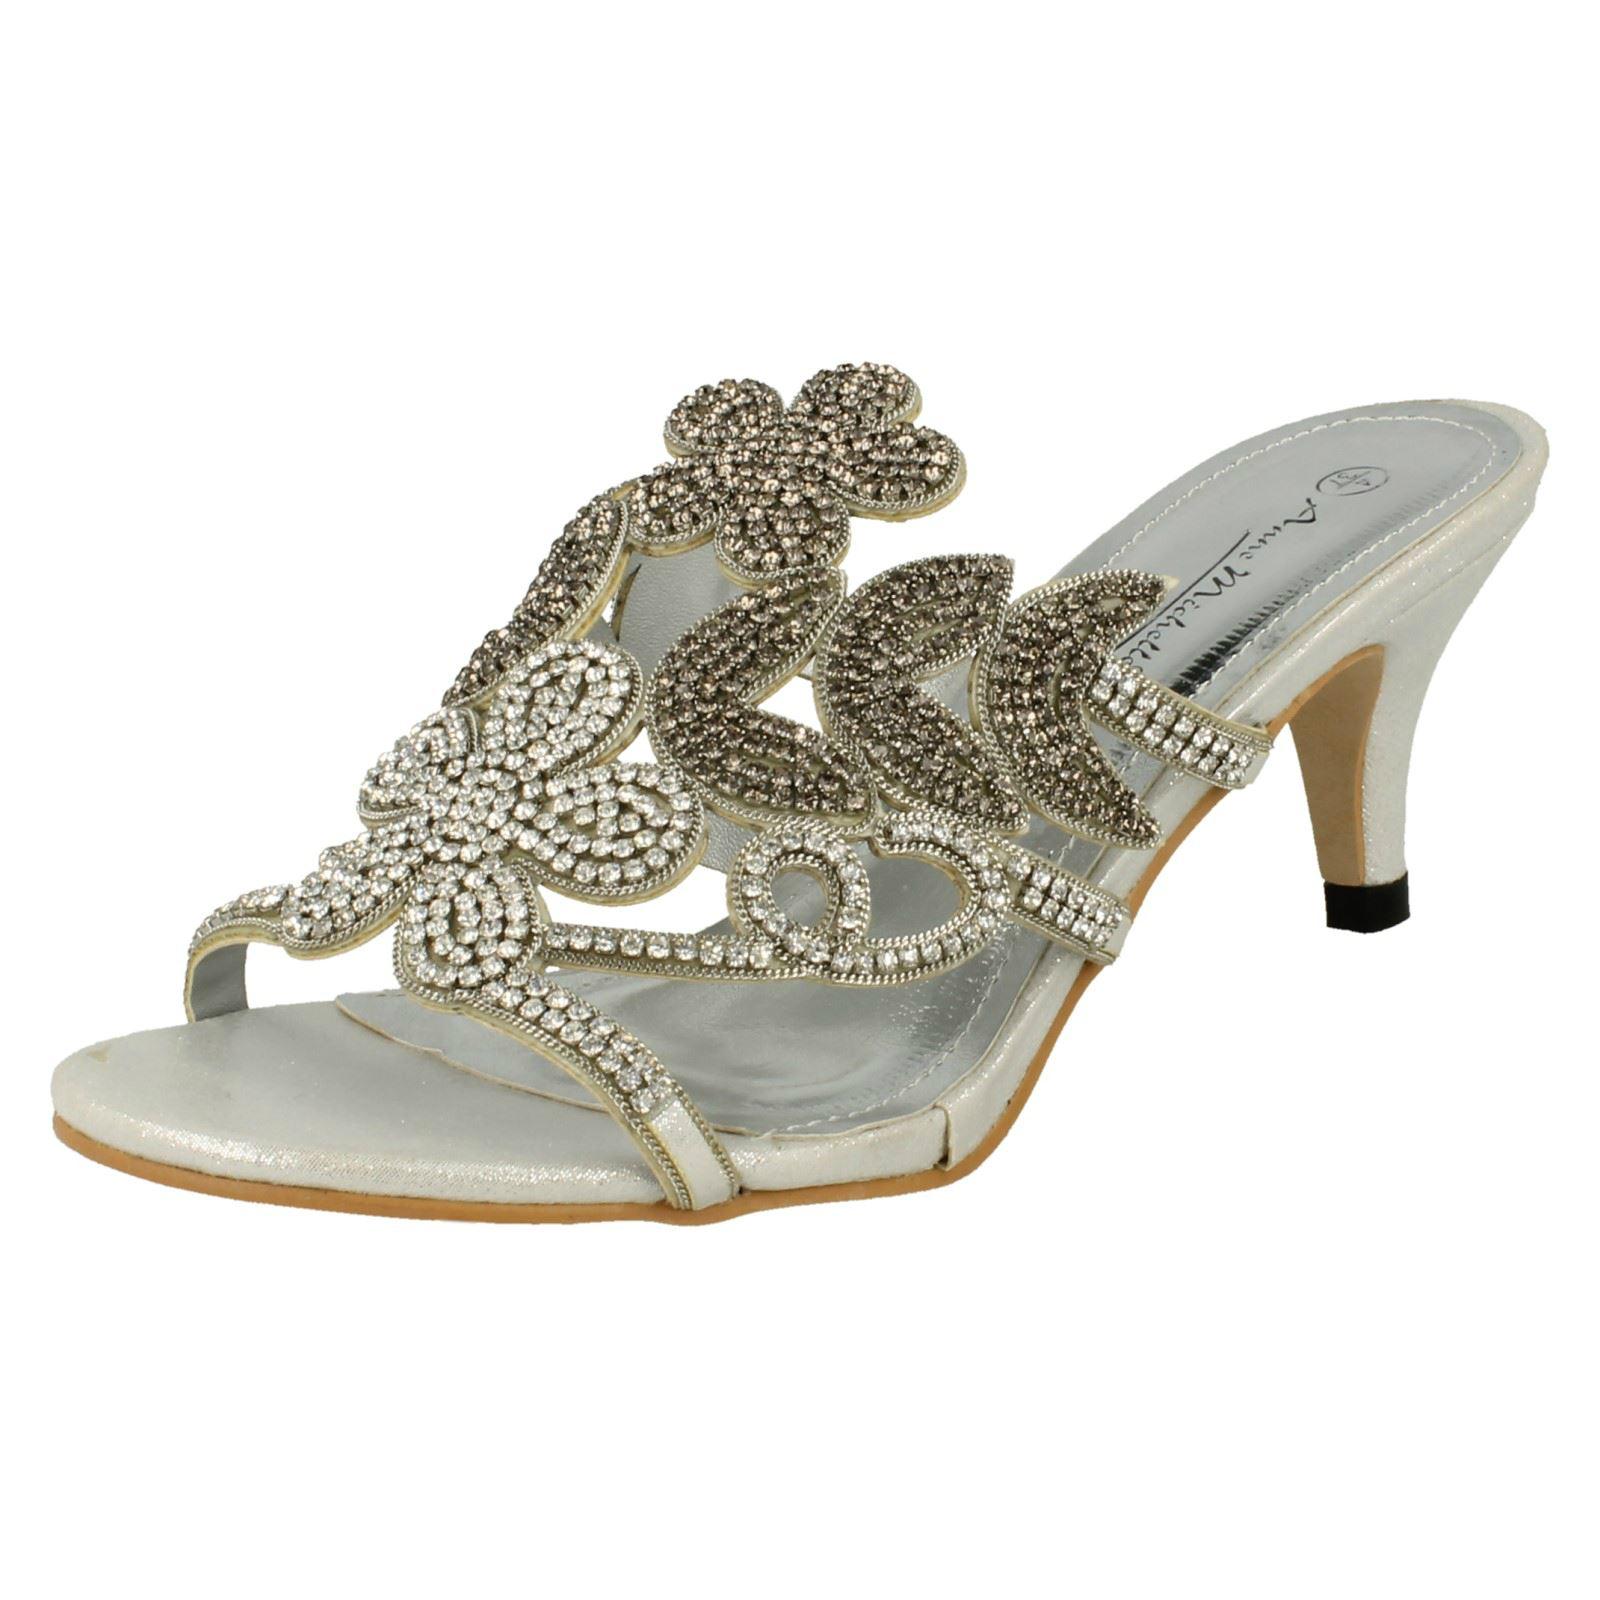 dea1d8fb2cb41 Anne Michelle Ladies Mule Style Low Heels | eBay